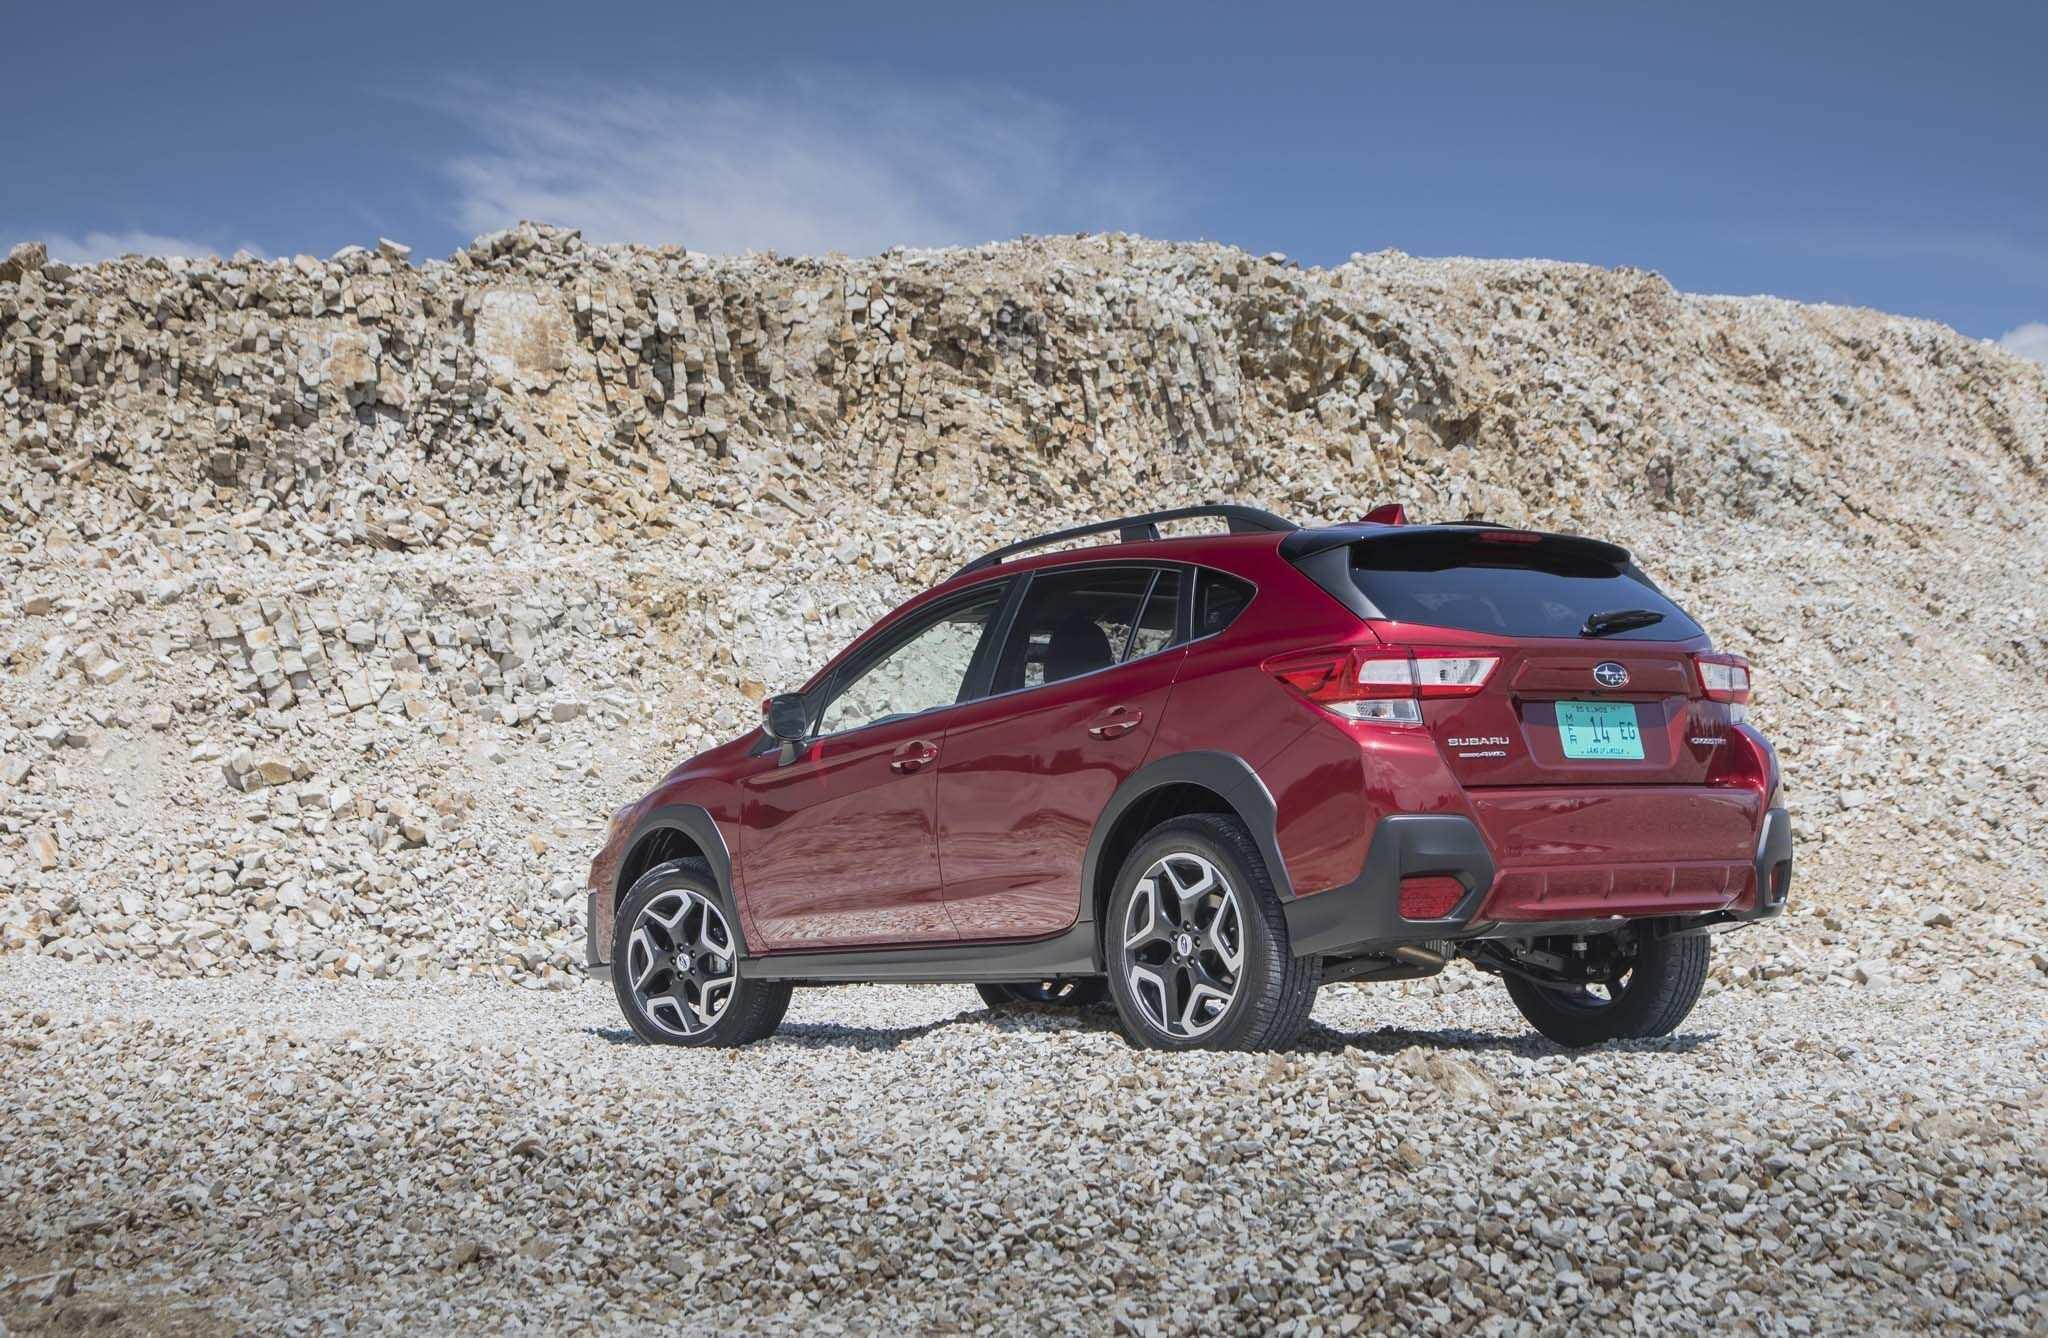 47 All New Best Subaru Xv 2019 Price In Egypt Rumors Speed Test for Best Subaru Xv 2019 Price In Egypt Rumors